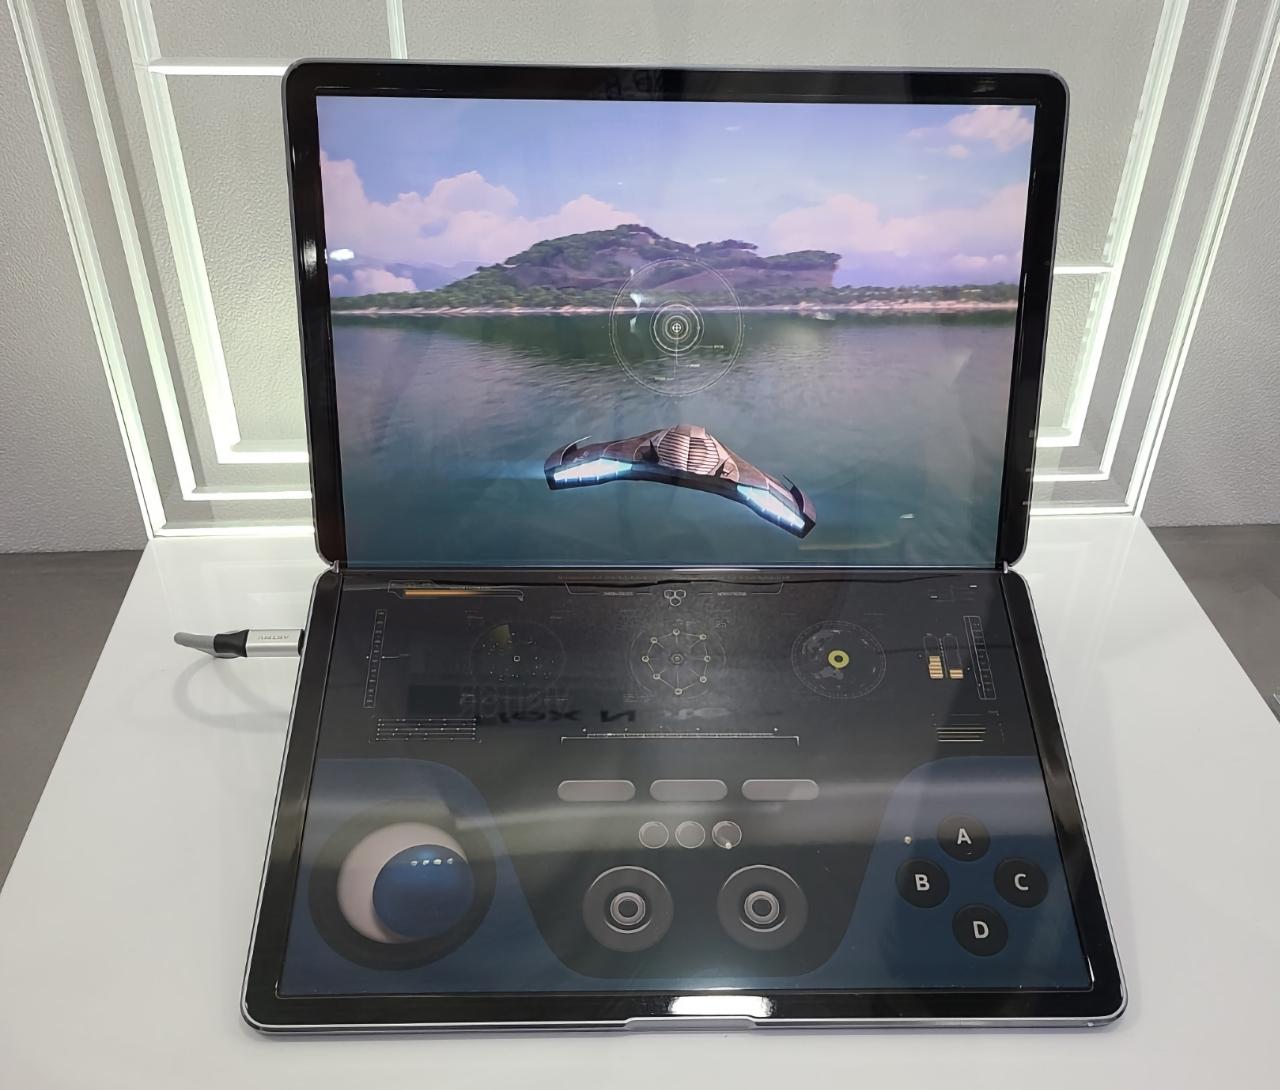 Samsung показала Galaxy Book Fold 17: ноутбук с гибким OLED-экраном и подэкранной камерой, как у Galaxy Z Fold 3